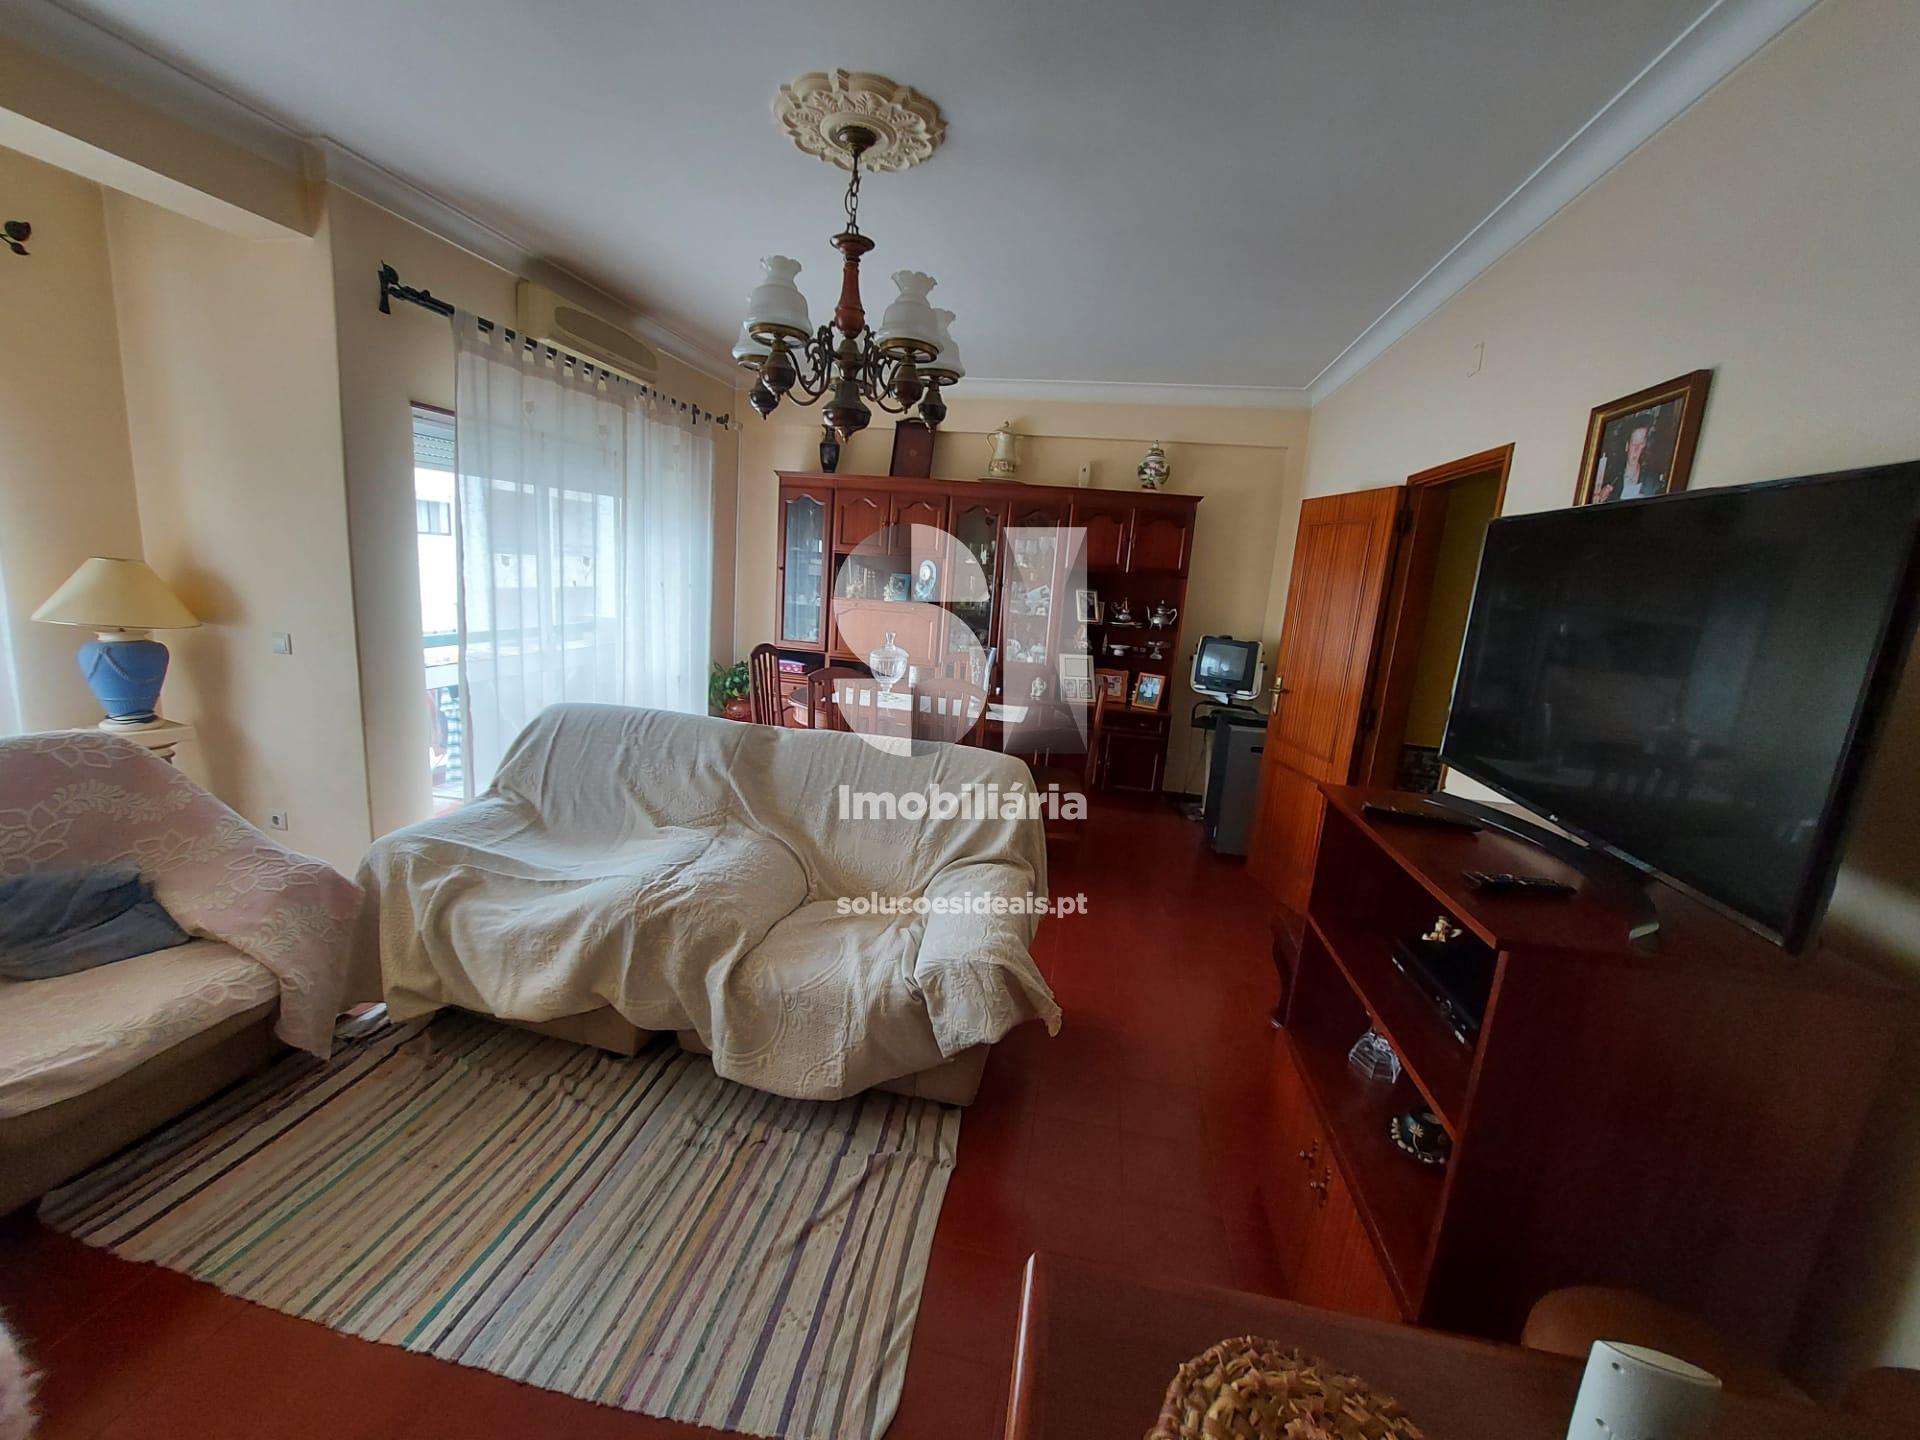 apartamento t3 para compra em castelo branco castelo branco CBZPM416